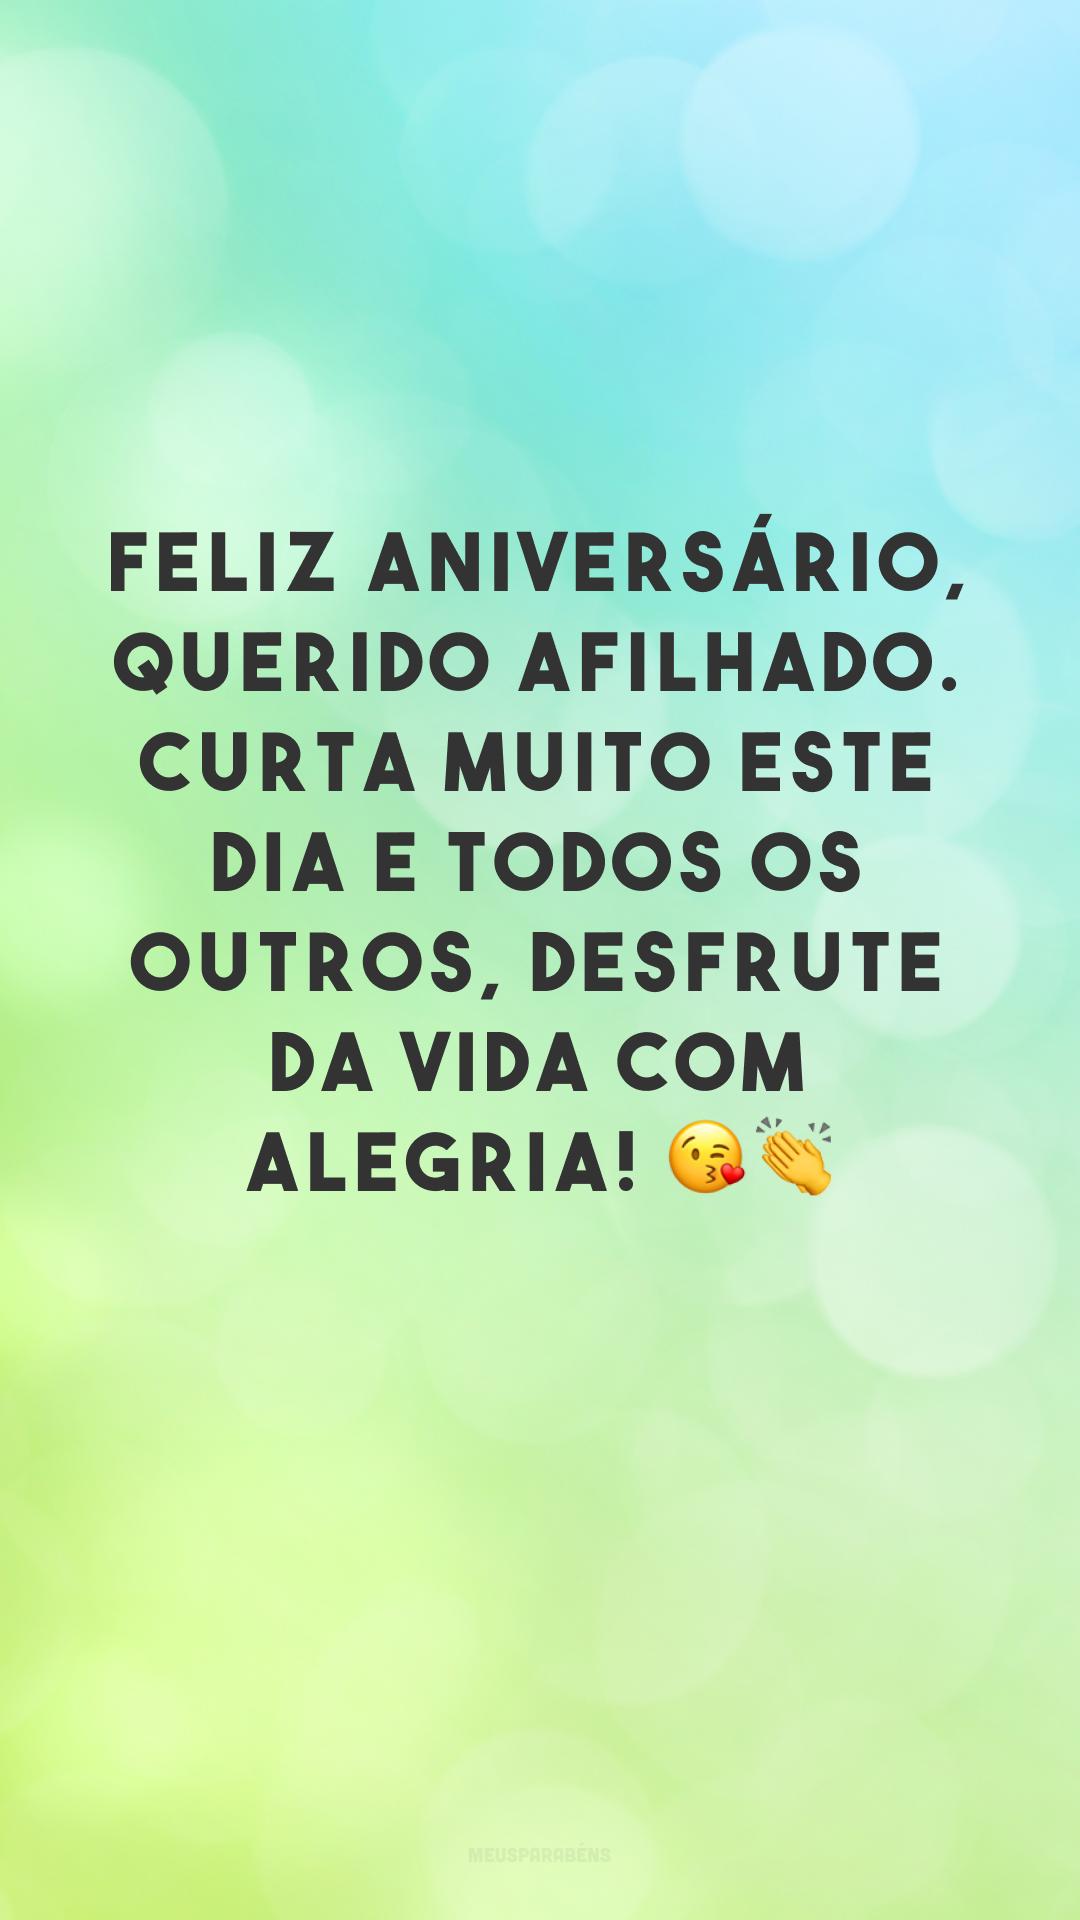 Feliz aniversário, querido afilhado. Curta muito este dia e todos os outros, desfrute da vida com alegria! 😘👏